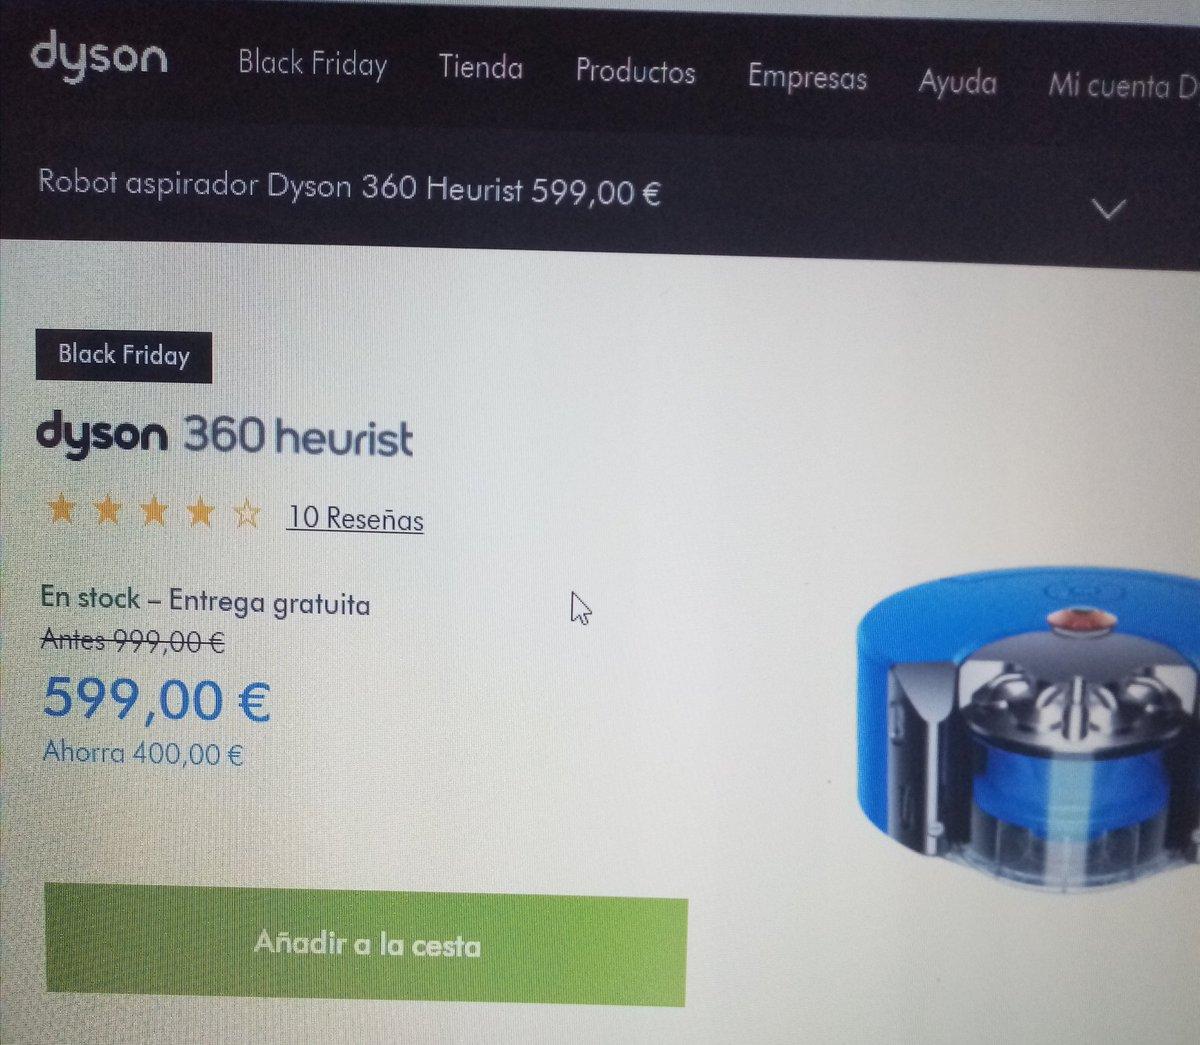 1. Este robot aspirador es muy demandado y su oferta real en Black Friday, dado en cuenta que es su pagina oficial Dyson. #GACartuja https://t.co/2EuGI9iPsh